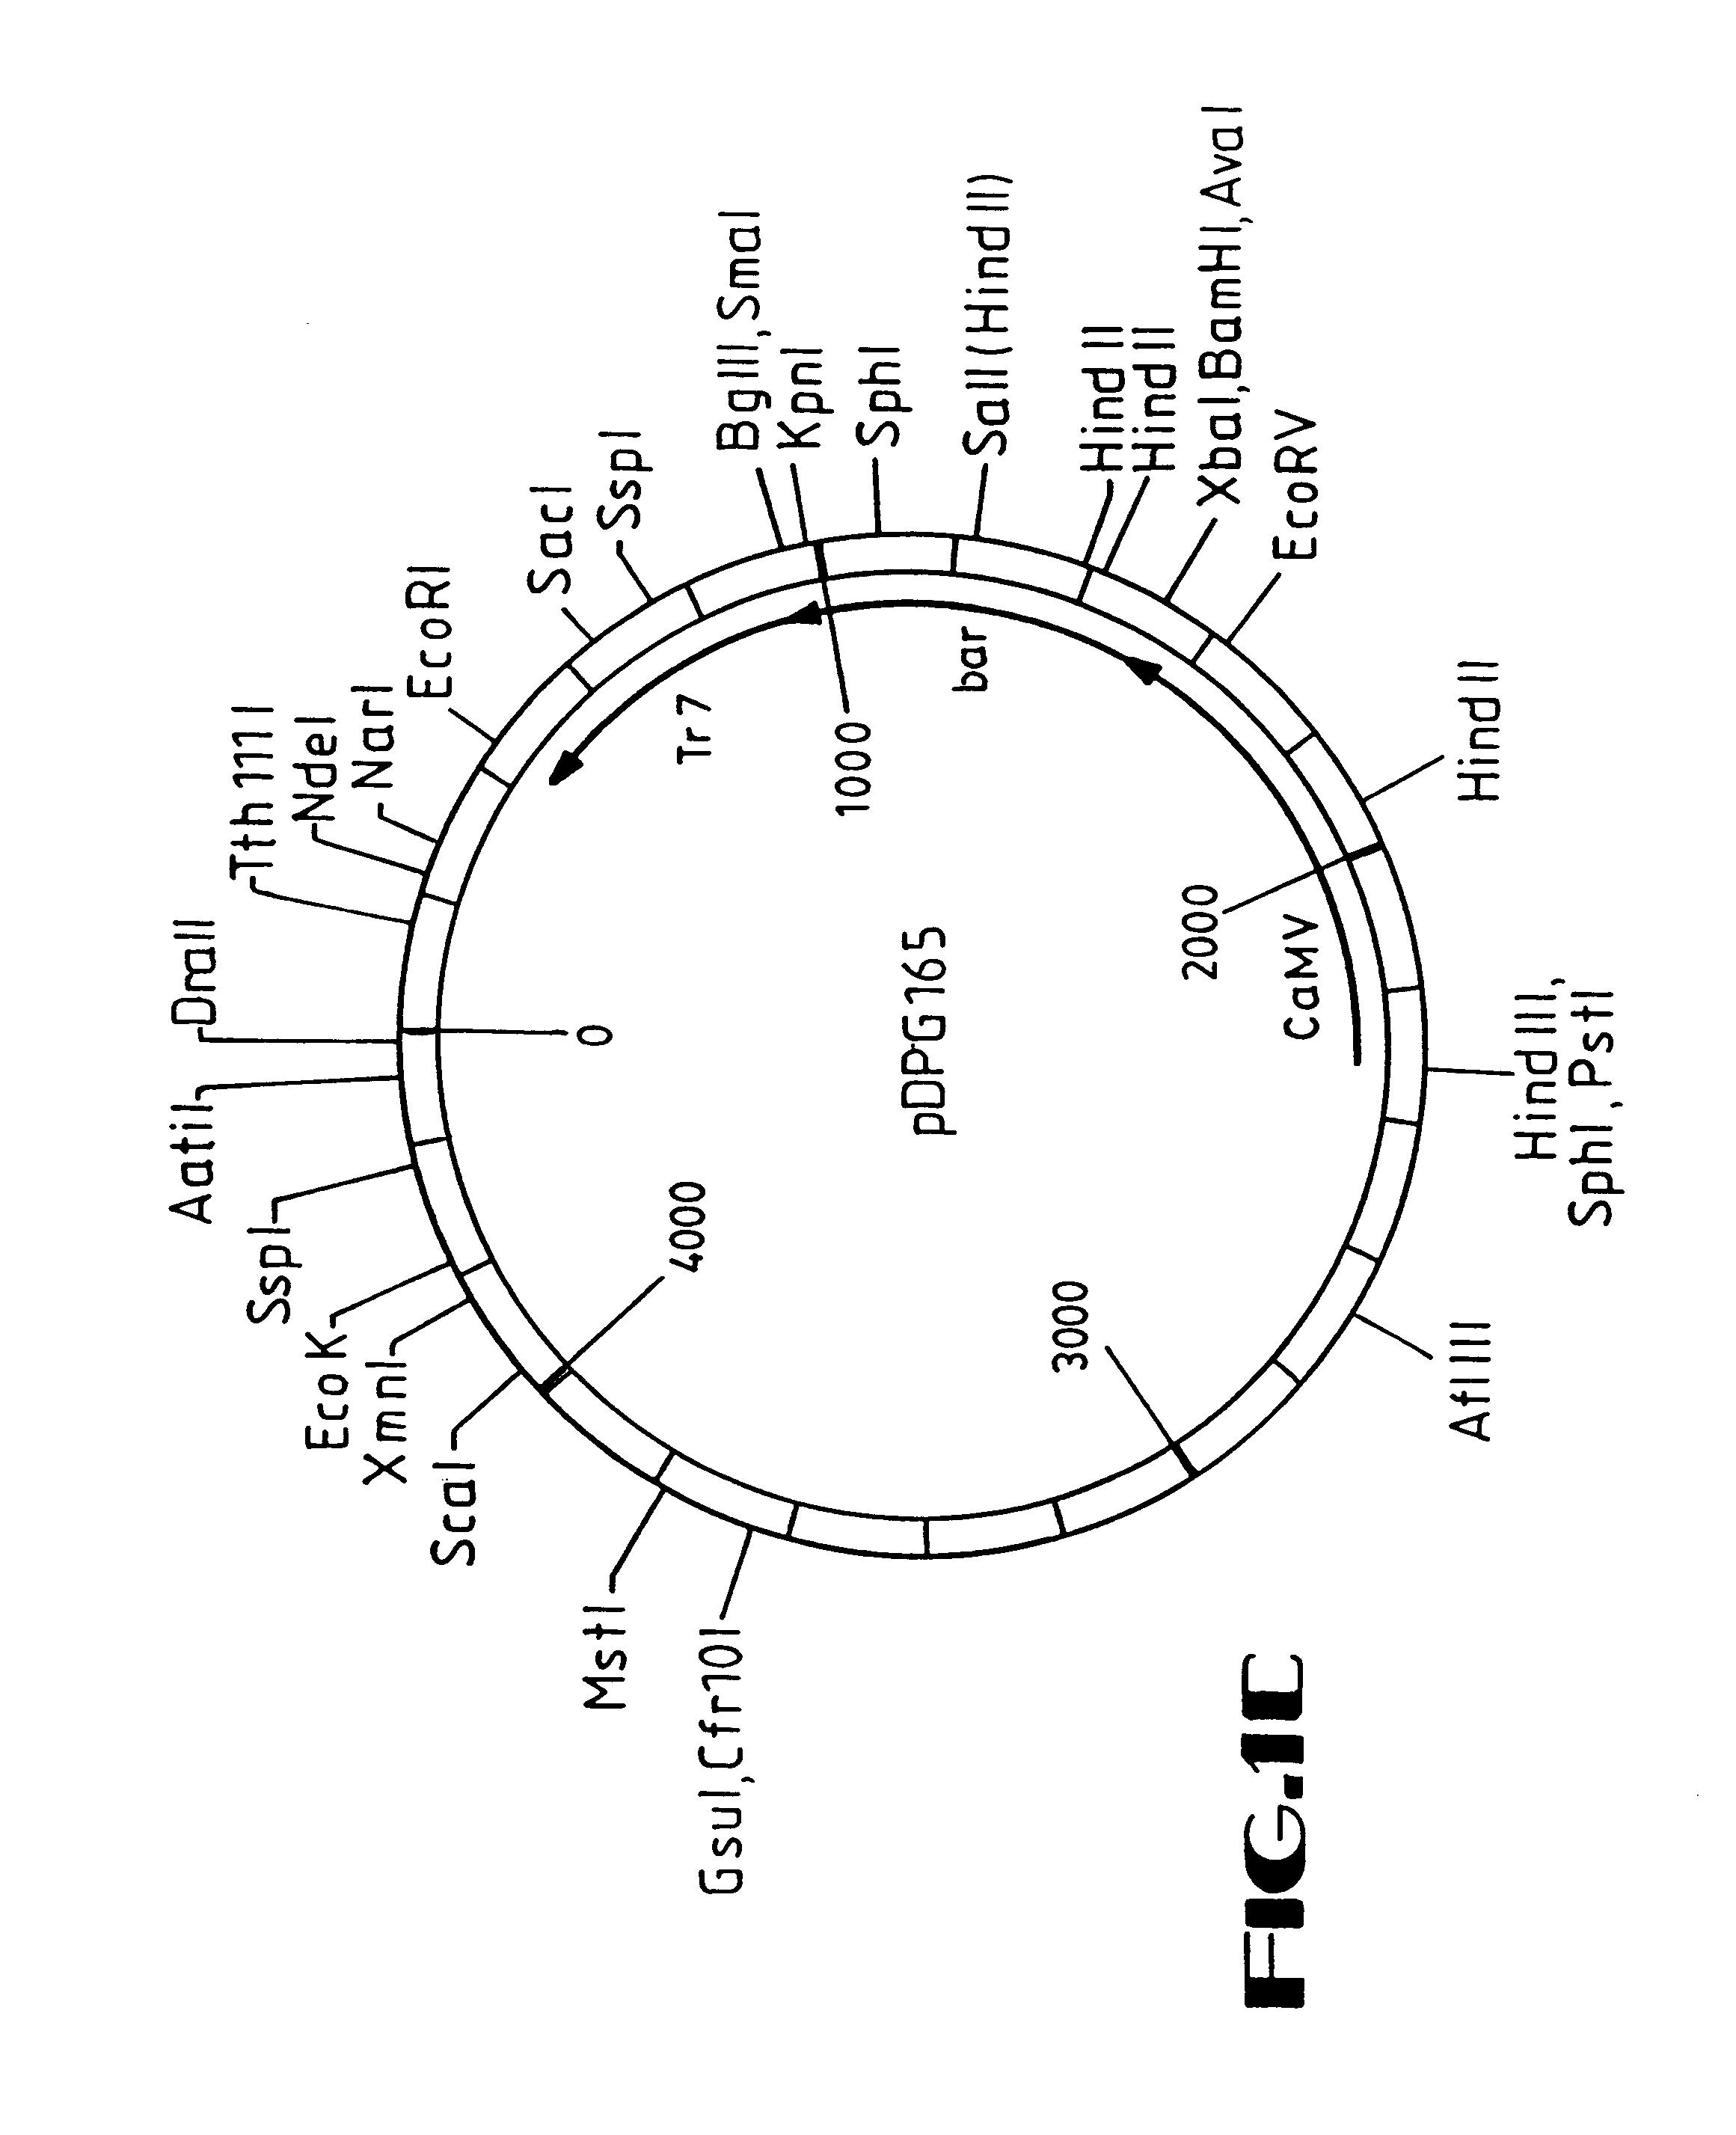 Pioneer Deh 2700 Wiring Diagram, Pioneer, Get Free Image